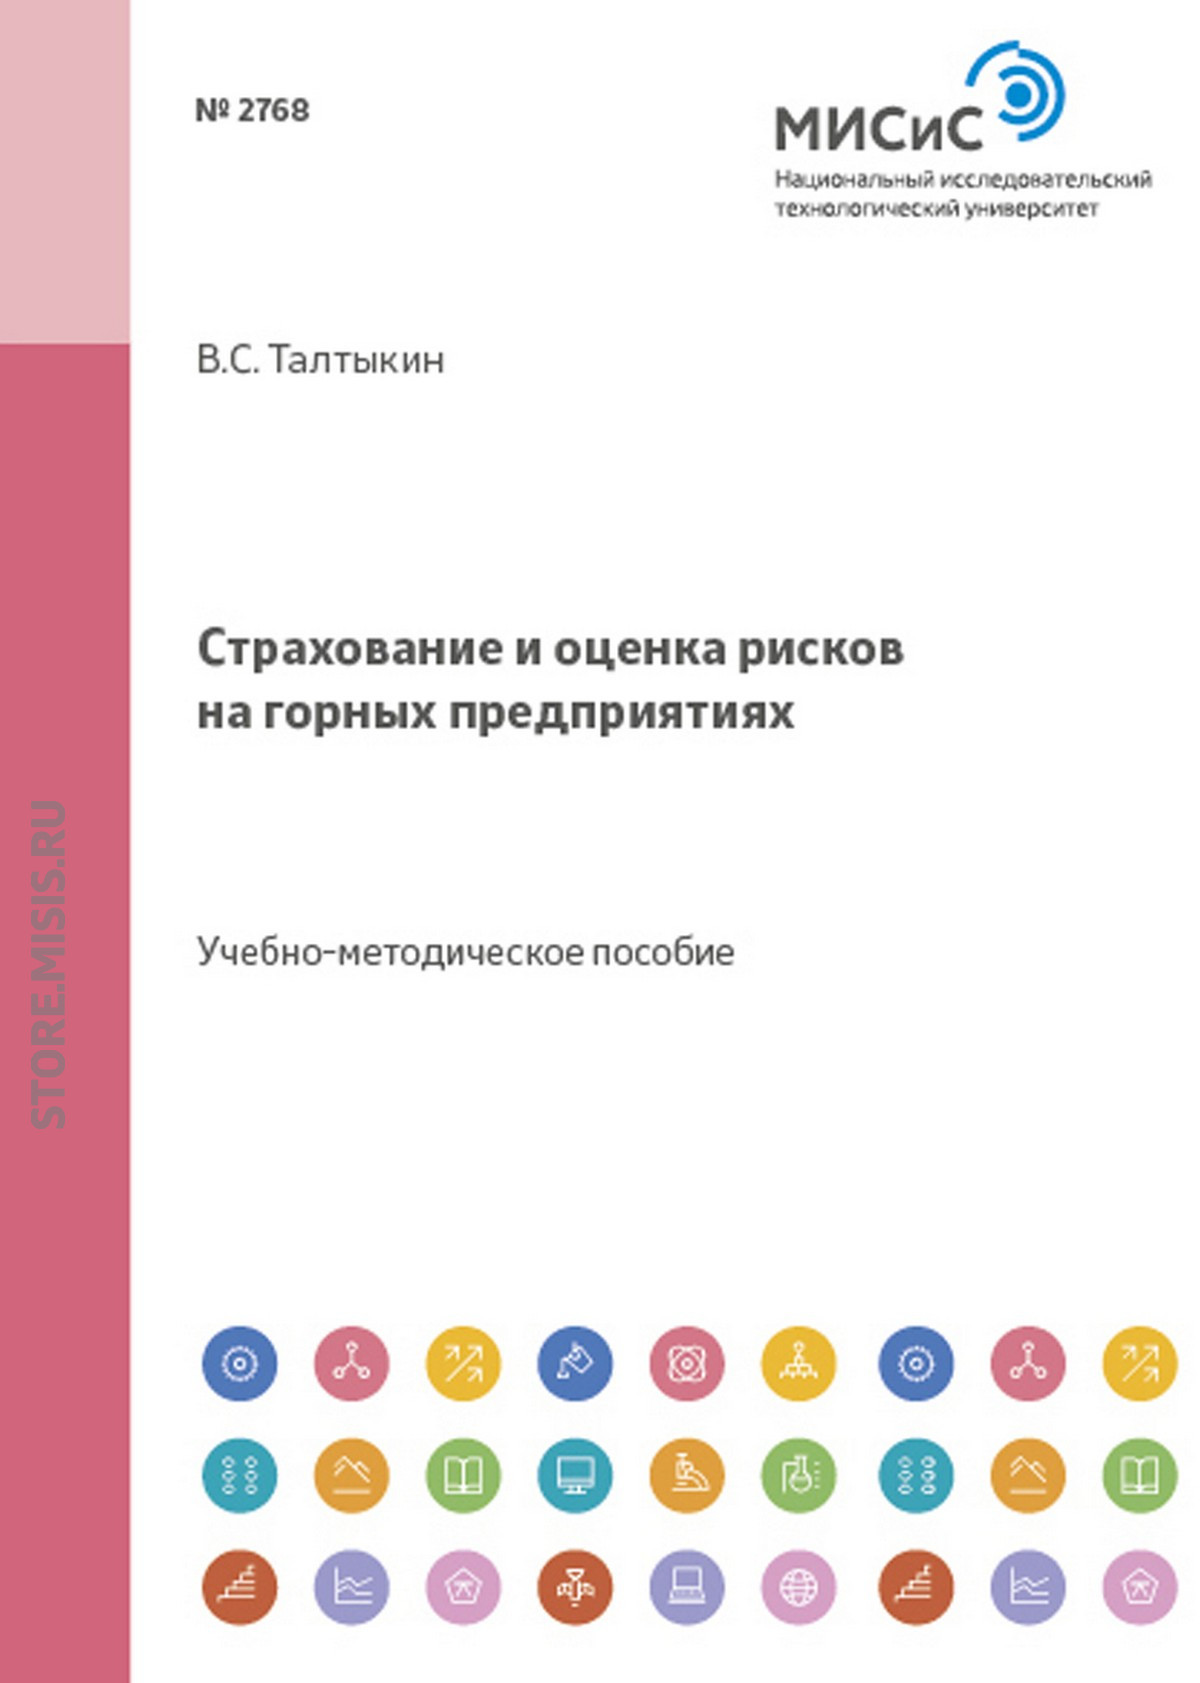 Виктор Талтыкин Страхование и оценка рисков на горных предприятиях е ф цапенко электробезопасность на горных предприятиях